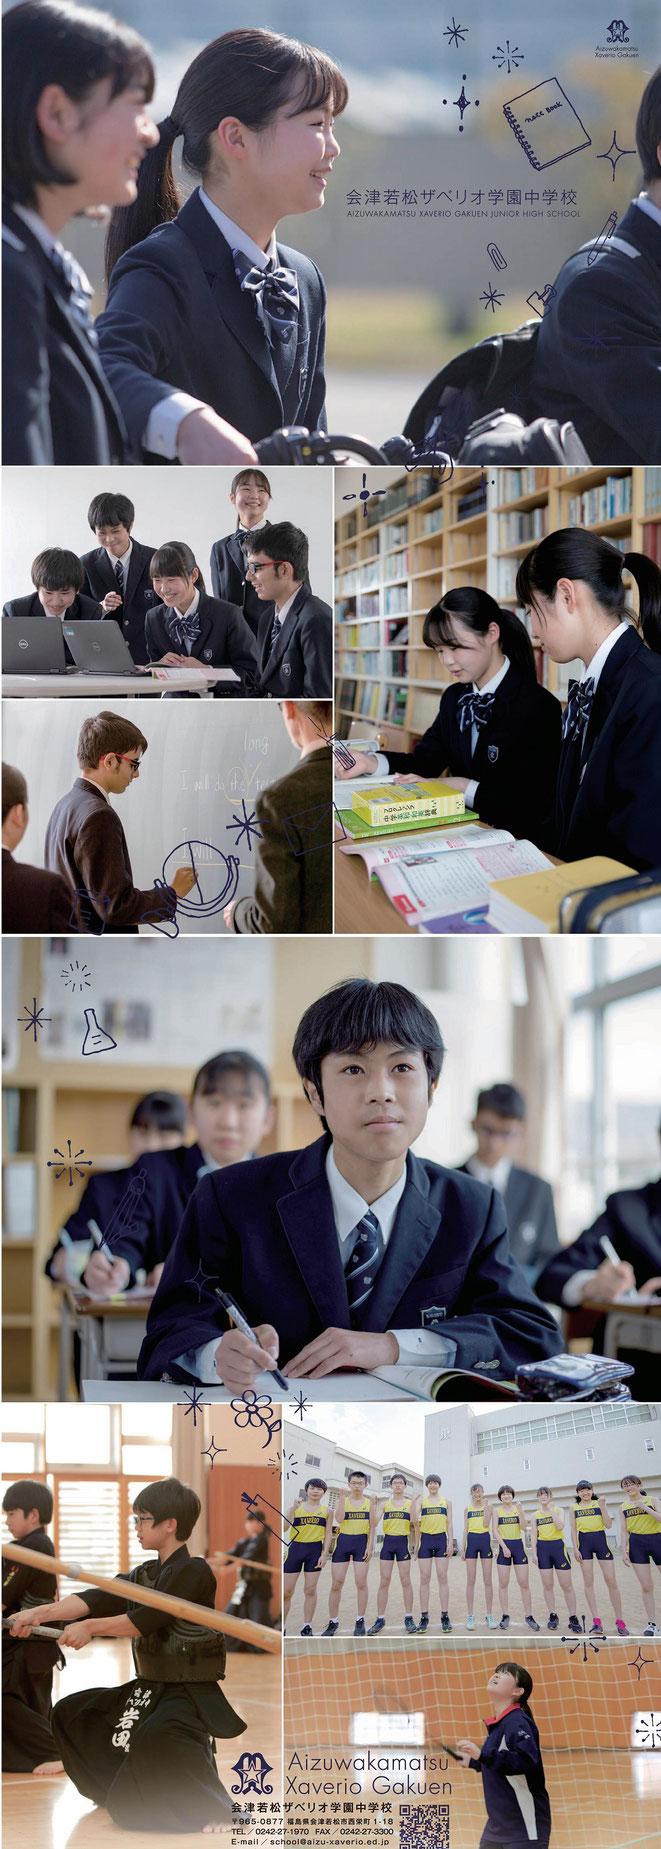 会津若松ザベリオ学園中学校,会津若松市,パンフレット